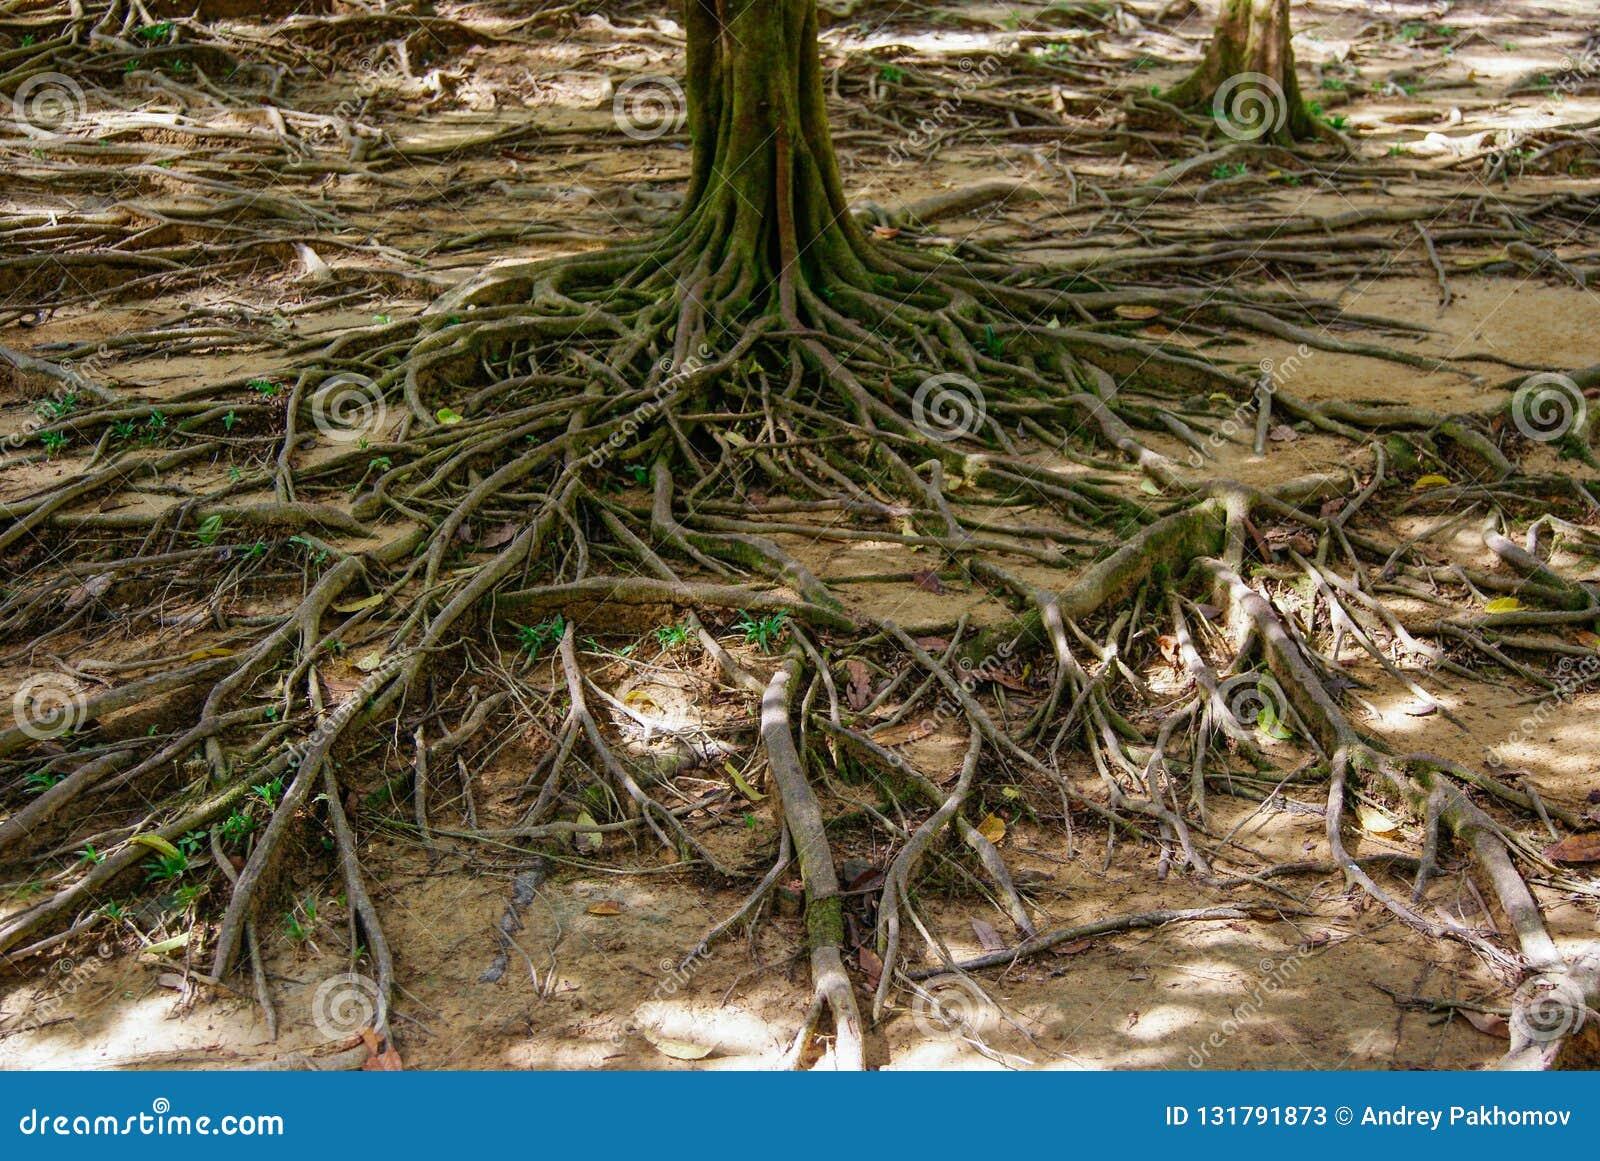 De wortel van een grote boom die ter plaatse fladderen ongebruikelijke installatiewortels nave